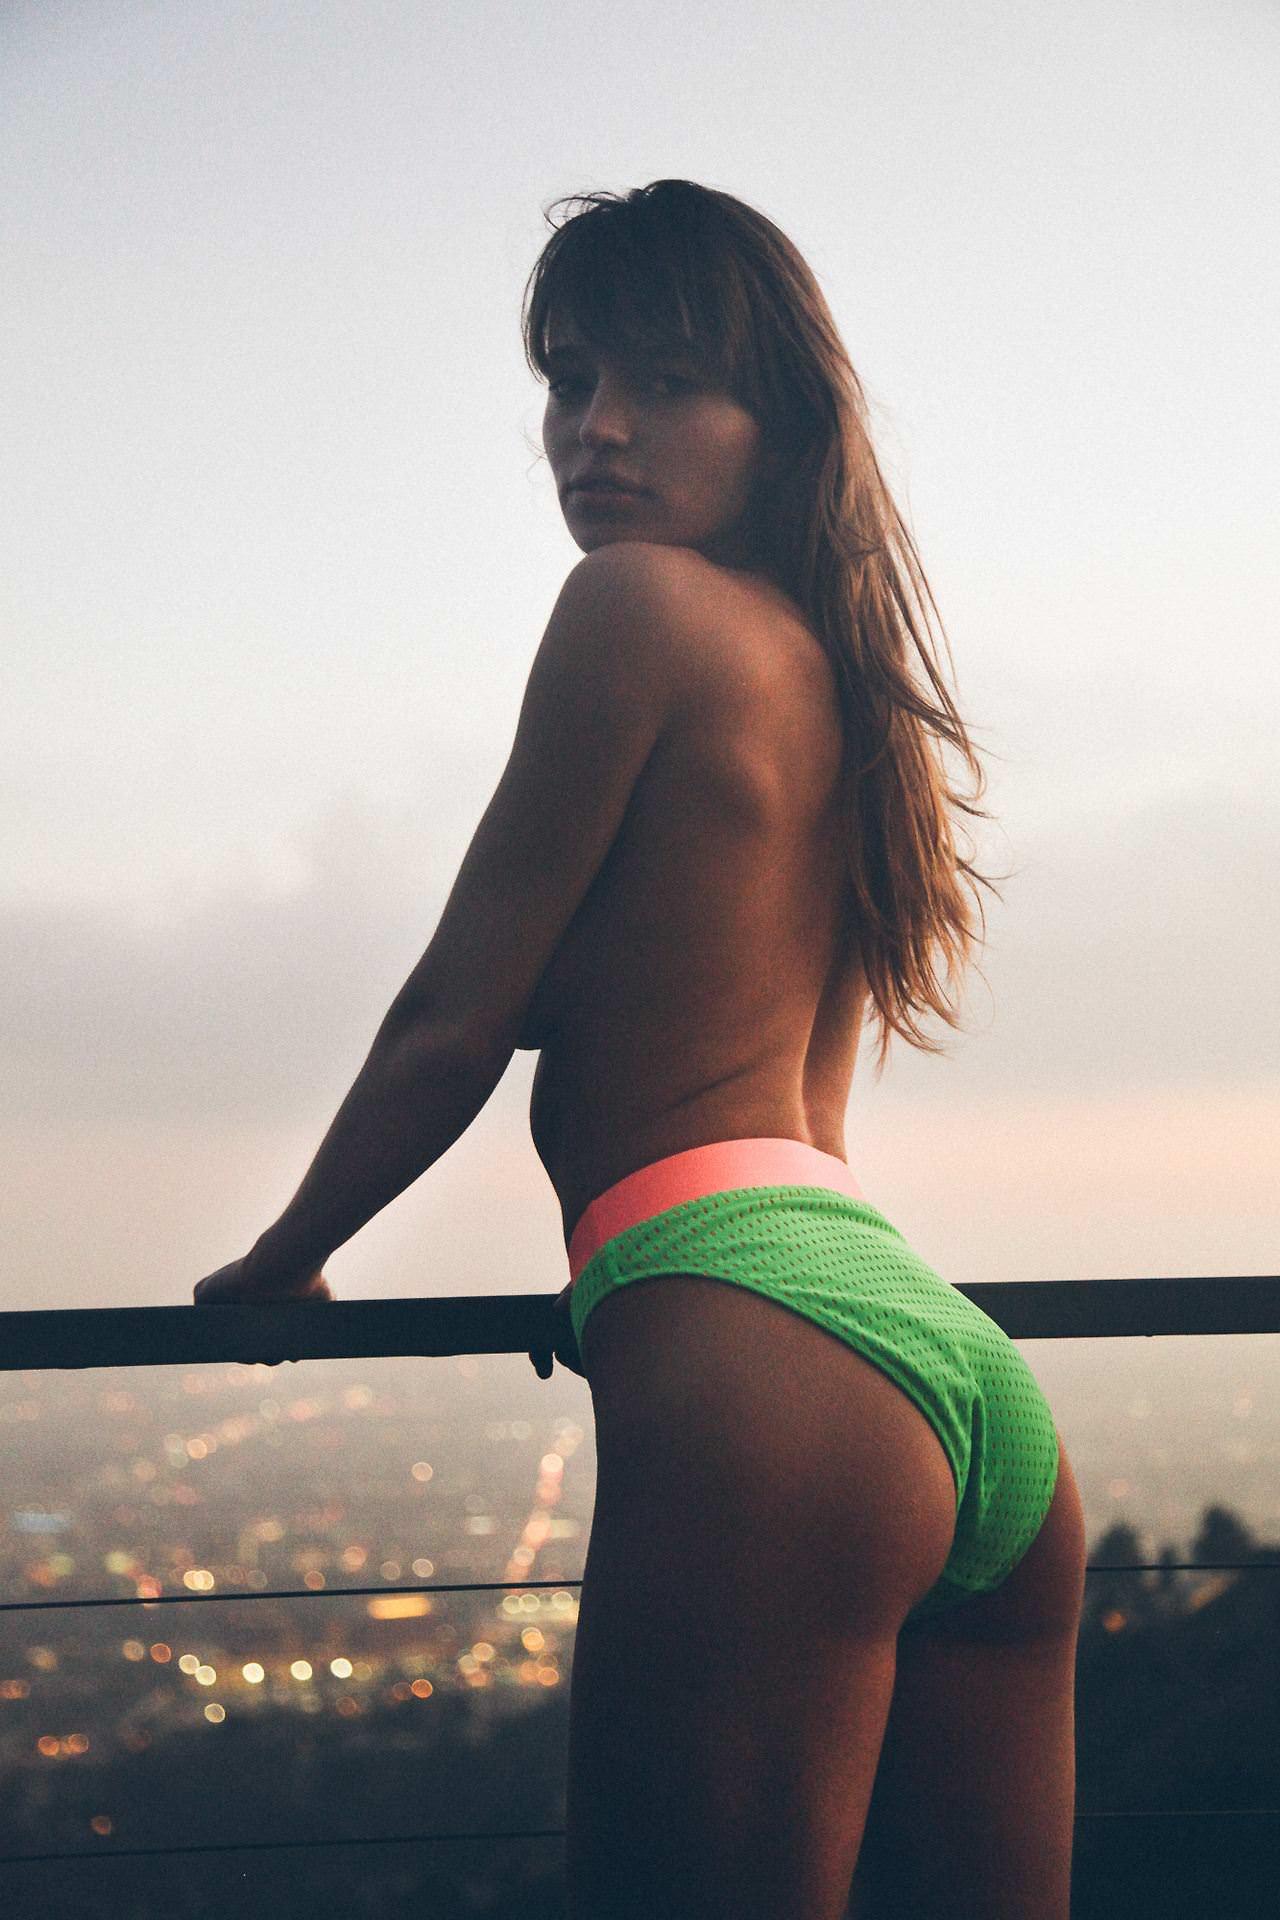 【外人】一生セックス出来ないであろう海外のとんでも美女たちのセクシーポルノ画像 4286